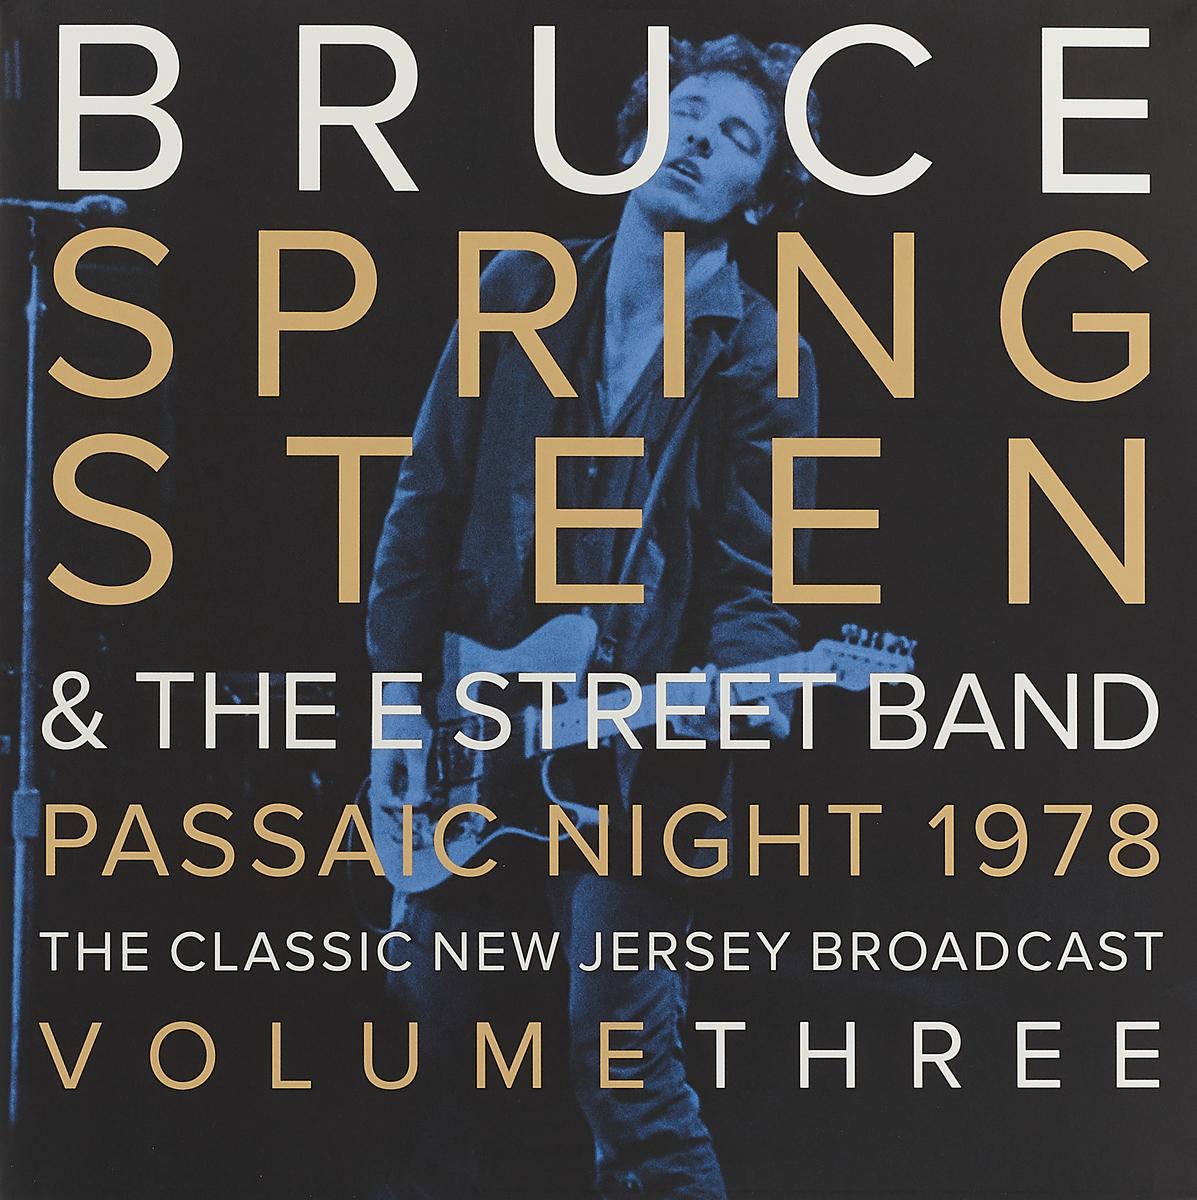 Брюс Спрингстин Bruce Springsteen. Passaic Night 1978 The Classic New Jersey Broadcast Volume Three (2 LP) брюс спрингстин bruce springsteen passaic night 1978 the classic new jersey broadcast volume two 2 lp